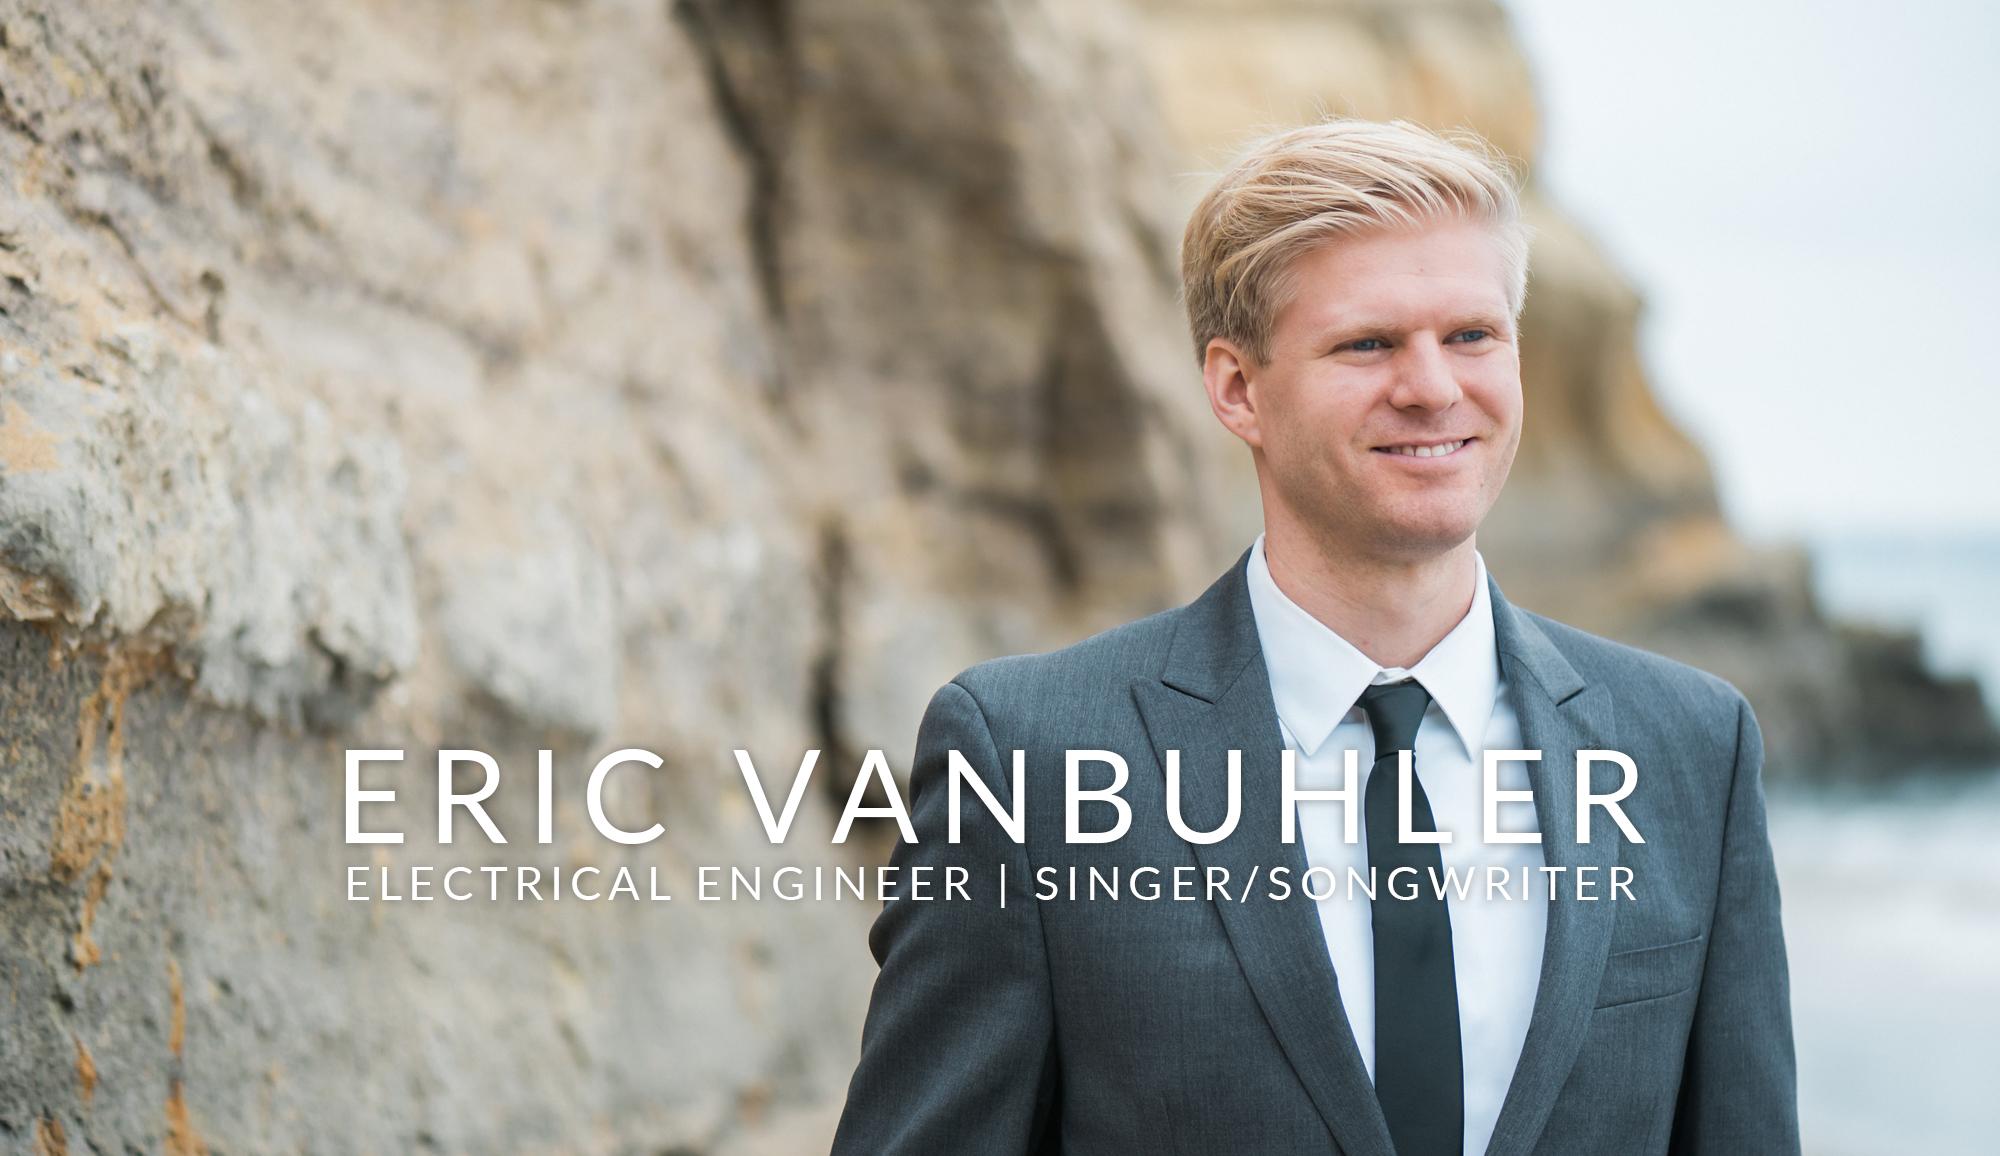 Eric VanBuhler (Credit: Beth Joy Photography)